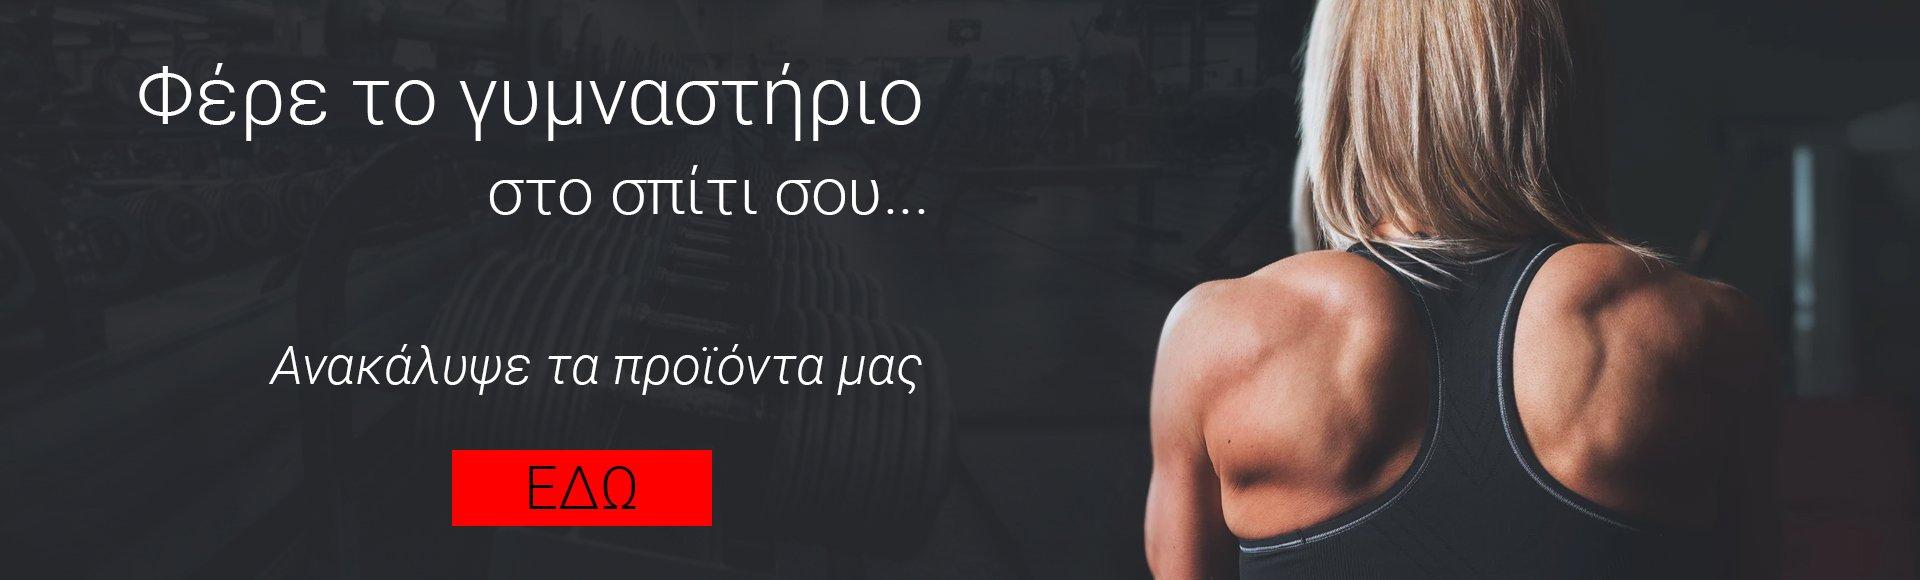 gym | elabstore.gr